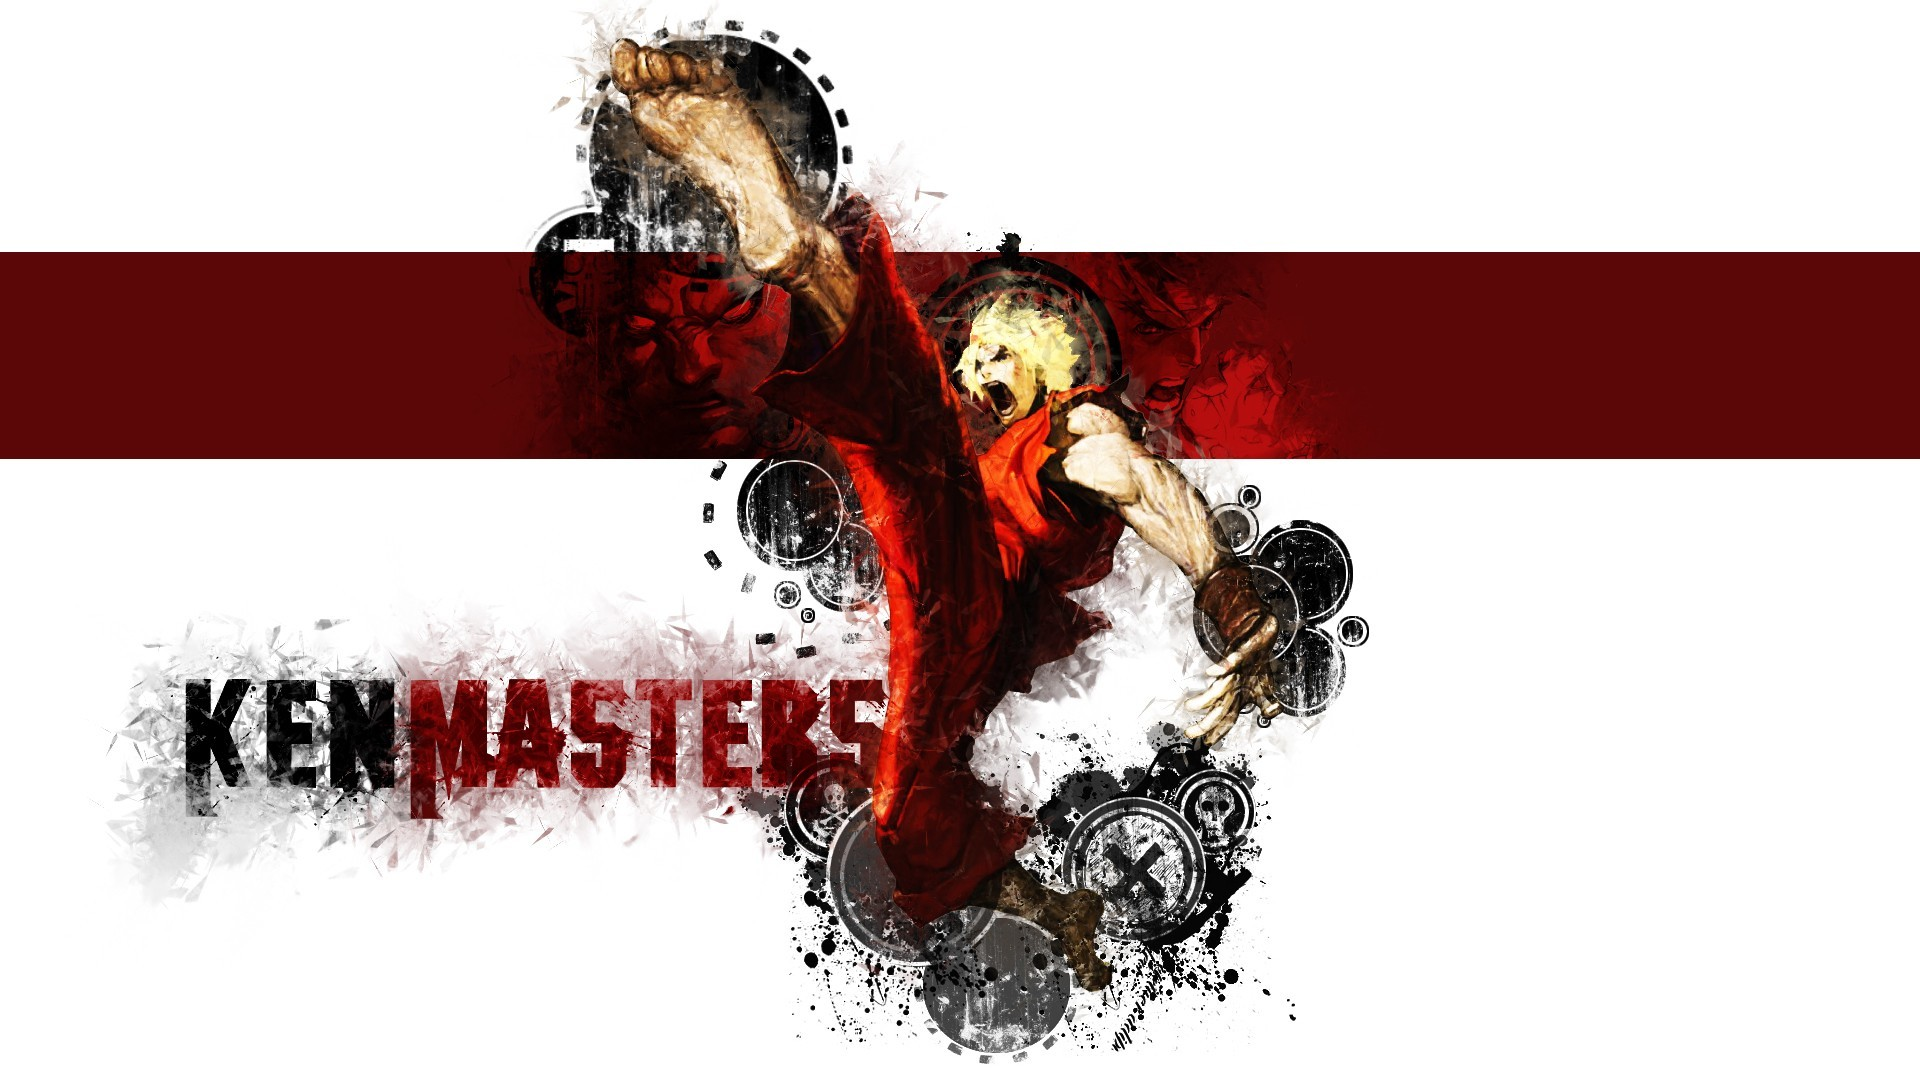 Street fighter wallpaper hd 71 images - Ken hd wallpaper ...